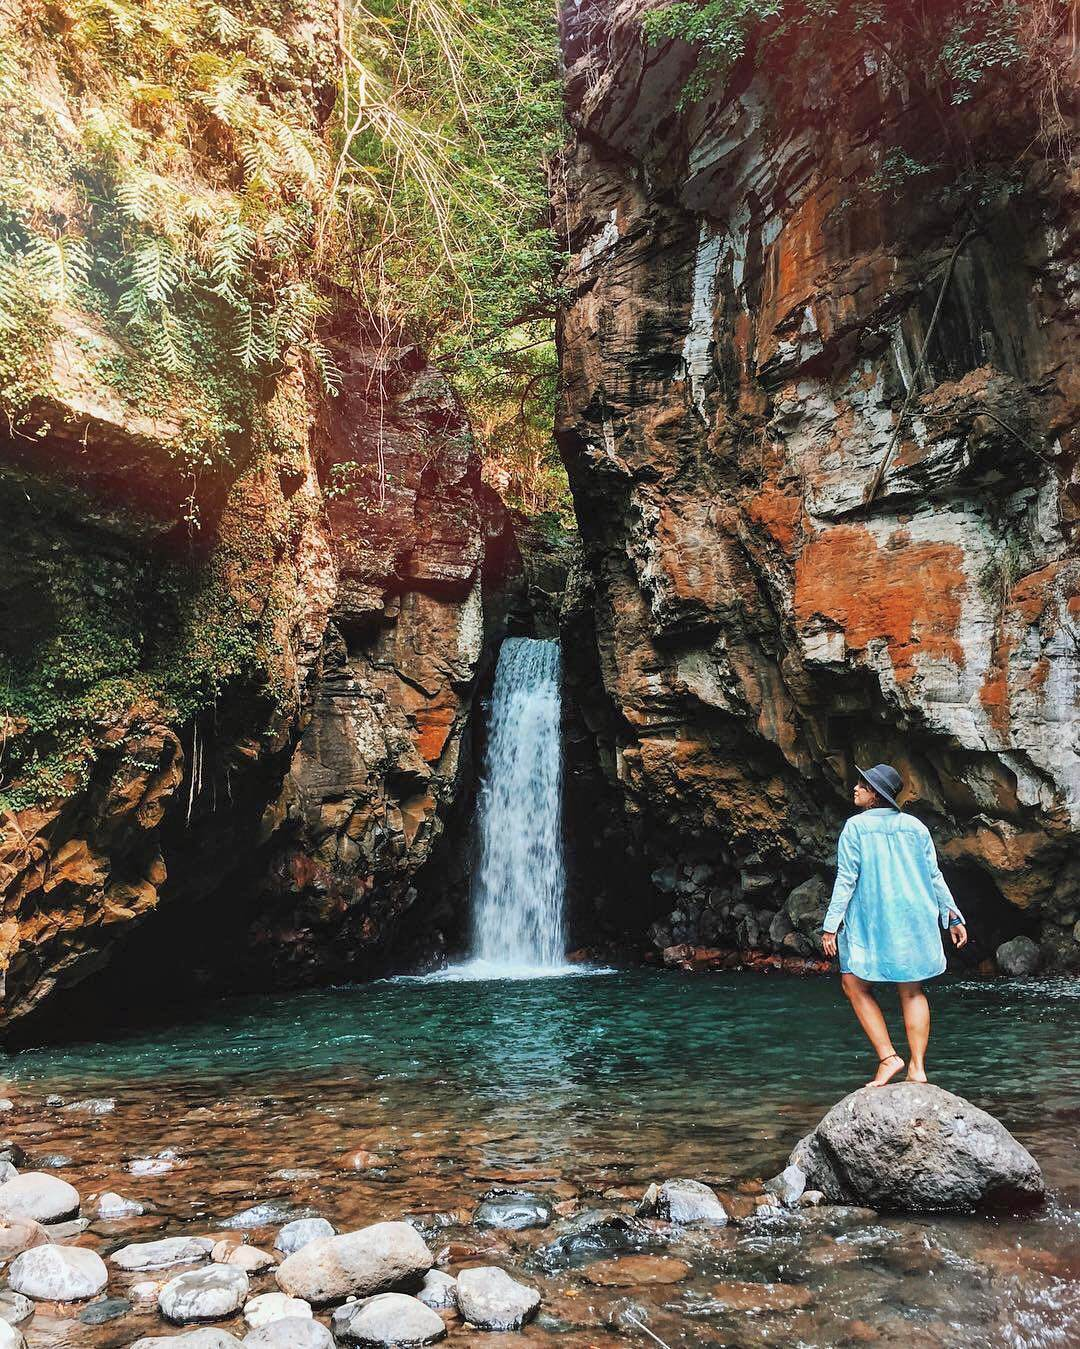 Tembok Barak Waterfall, Buleleng - Bali Air Terjun Tembok Barak Sambangan by Yesy Sinta Dolaners - Dolan Dolen